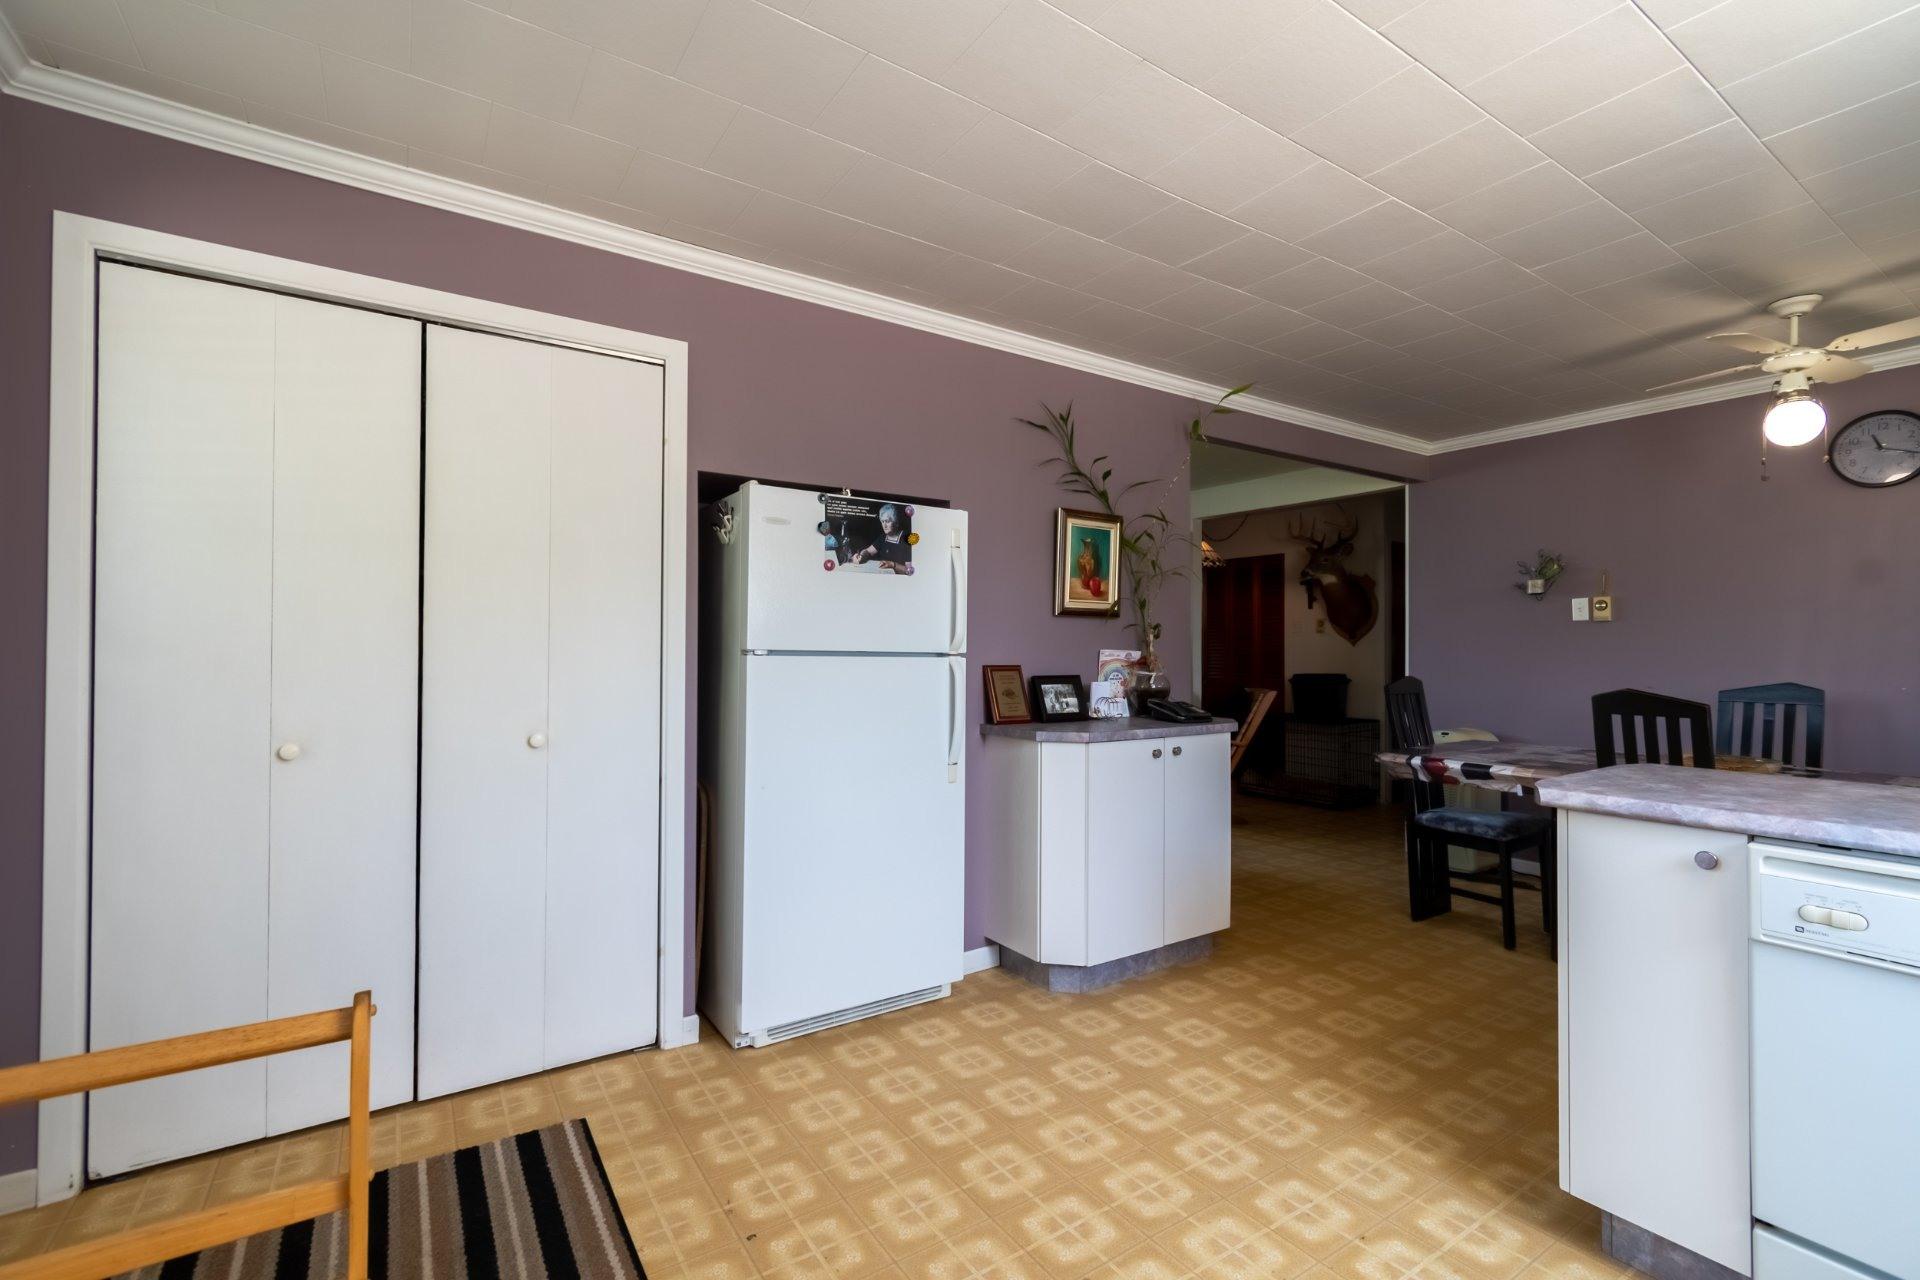 image 17 - Triplex For sale Bécancour - 5 rooms